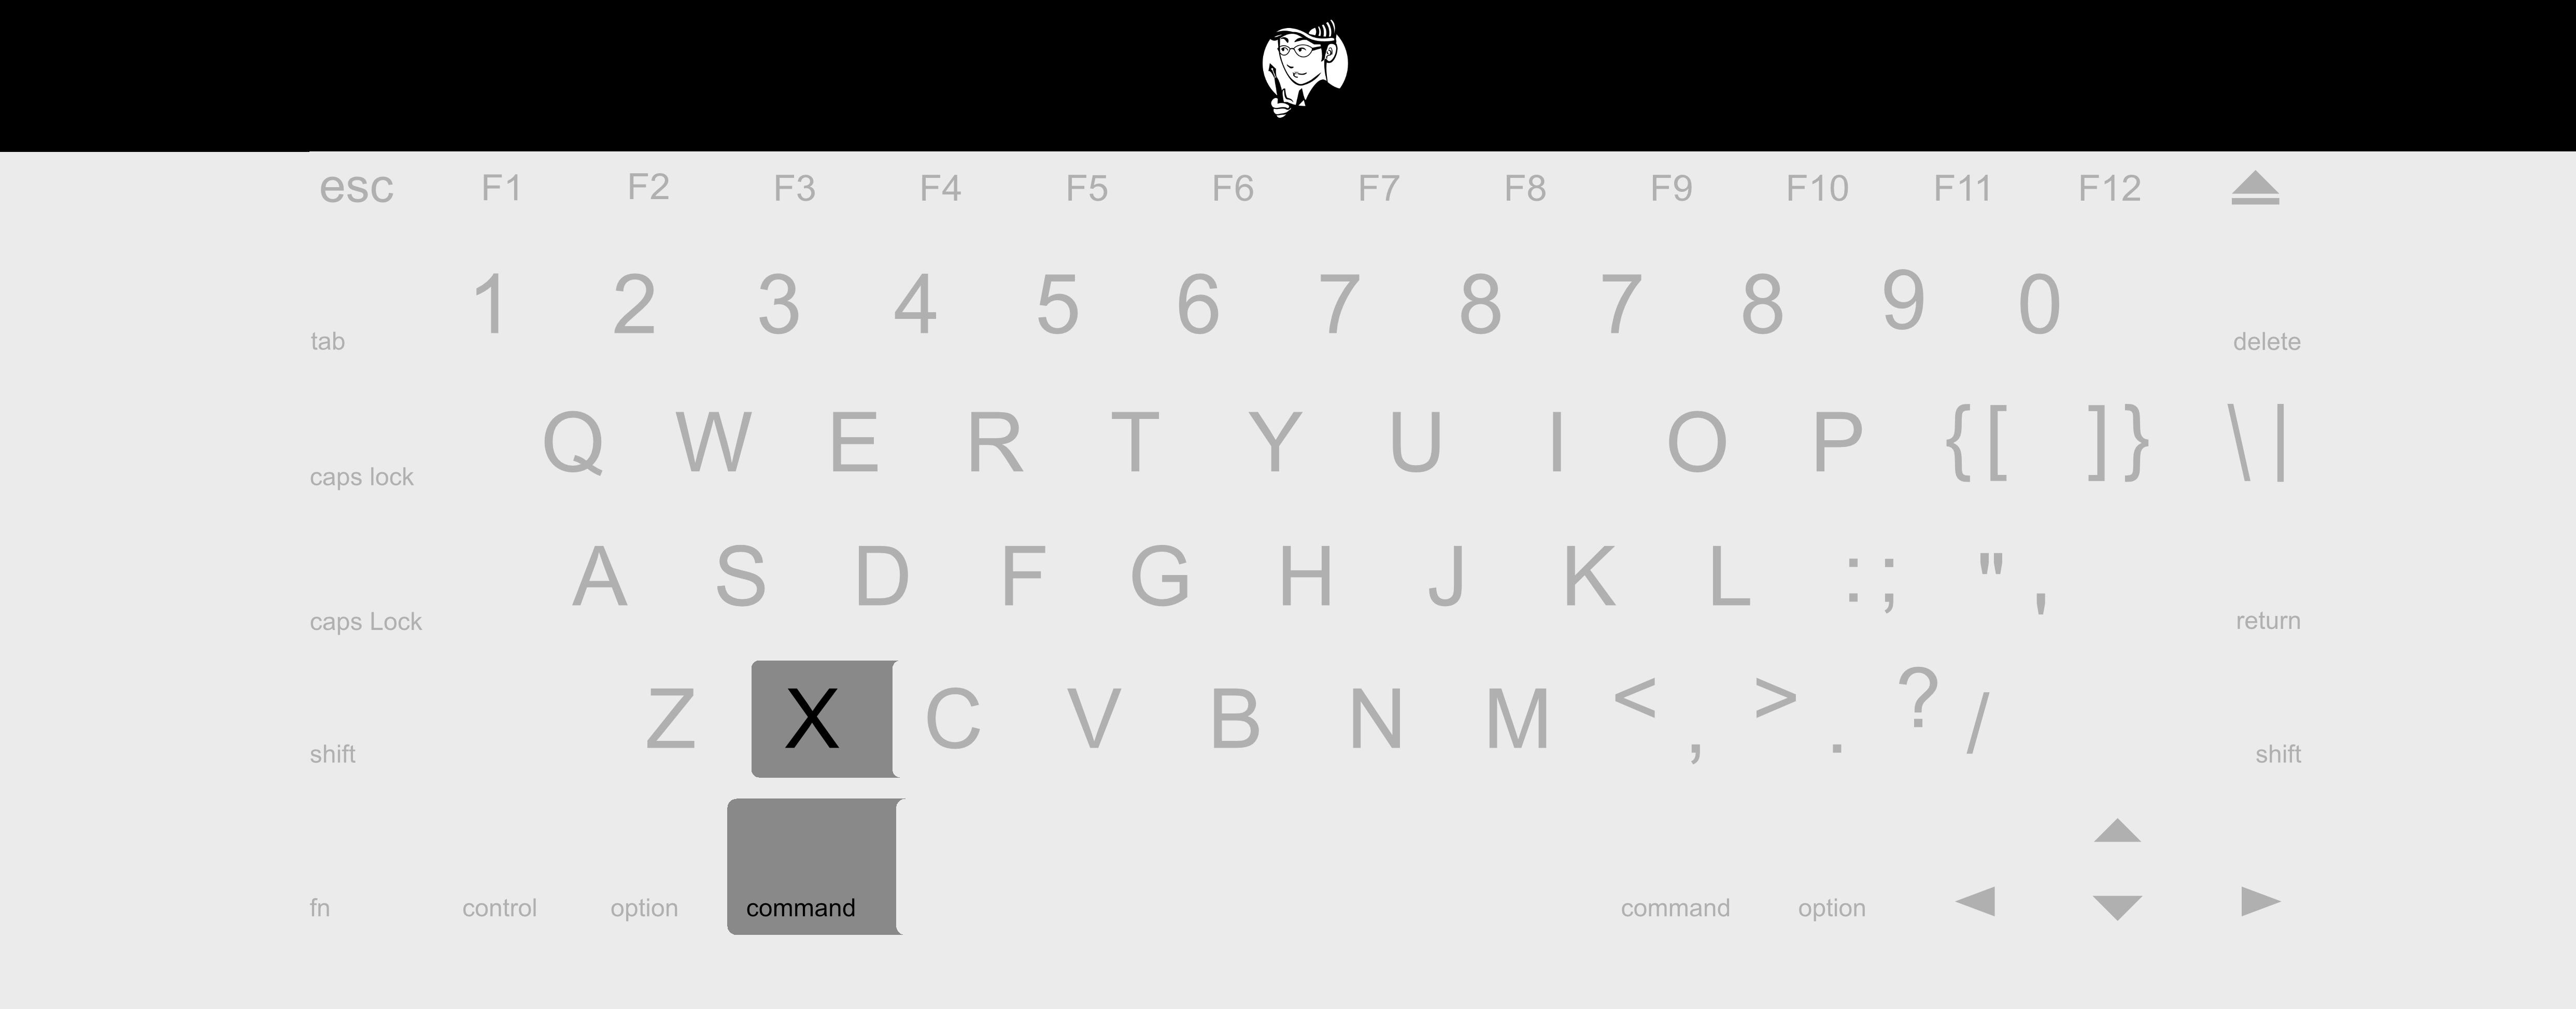 按住鍵盤上的 Command +X 即可剪下選取範圍內的內容